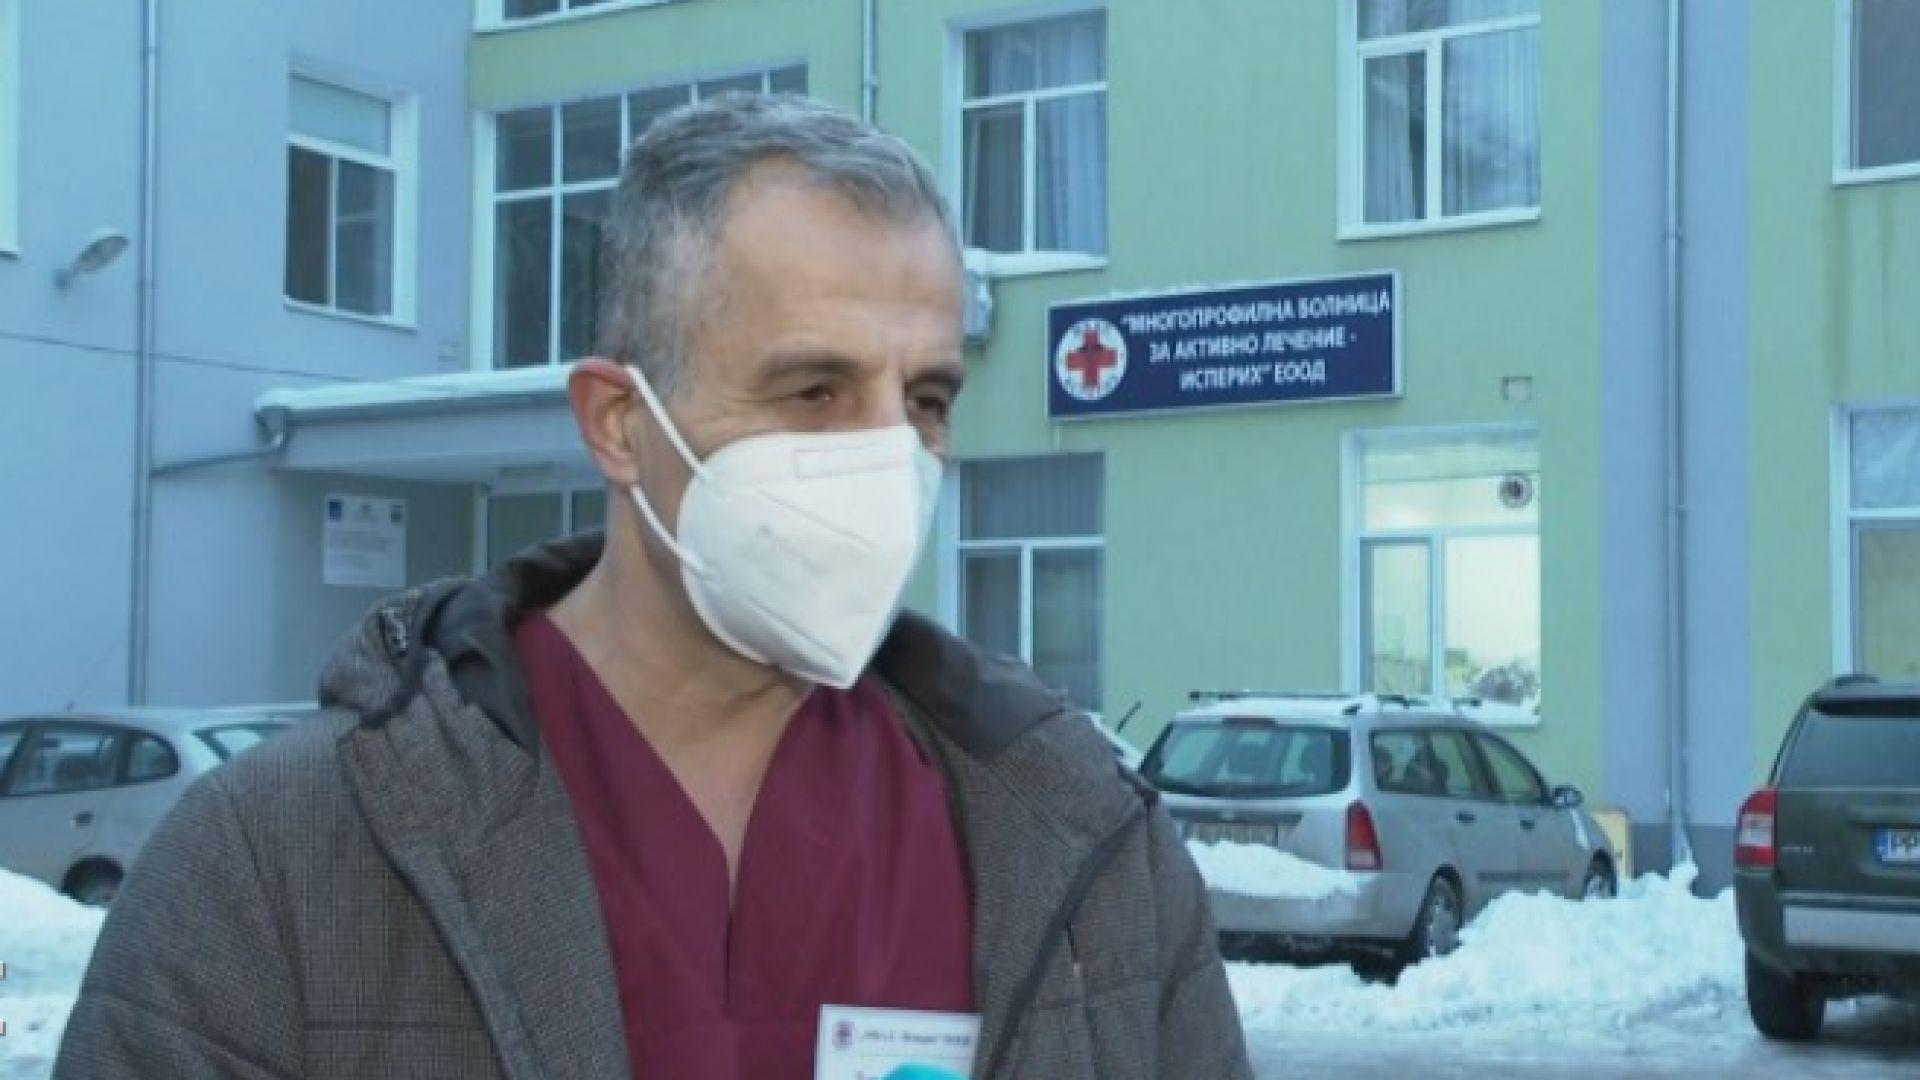 Държавата се задейства за българско гражданство на отстранения болничен директор